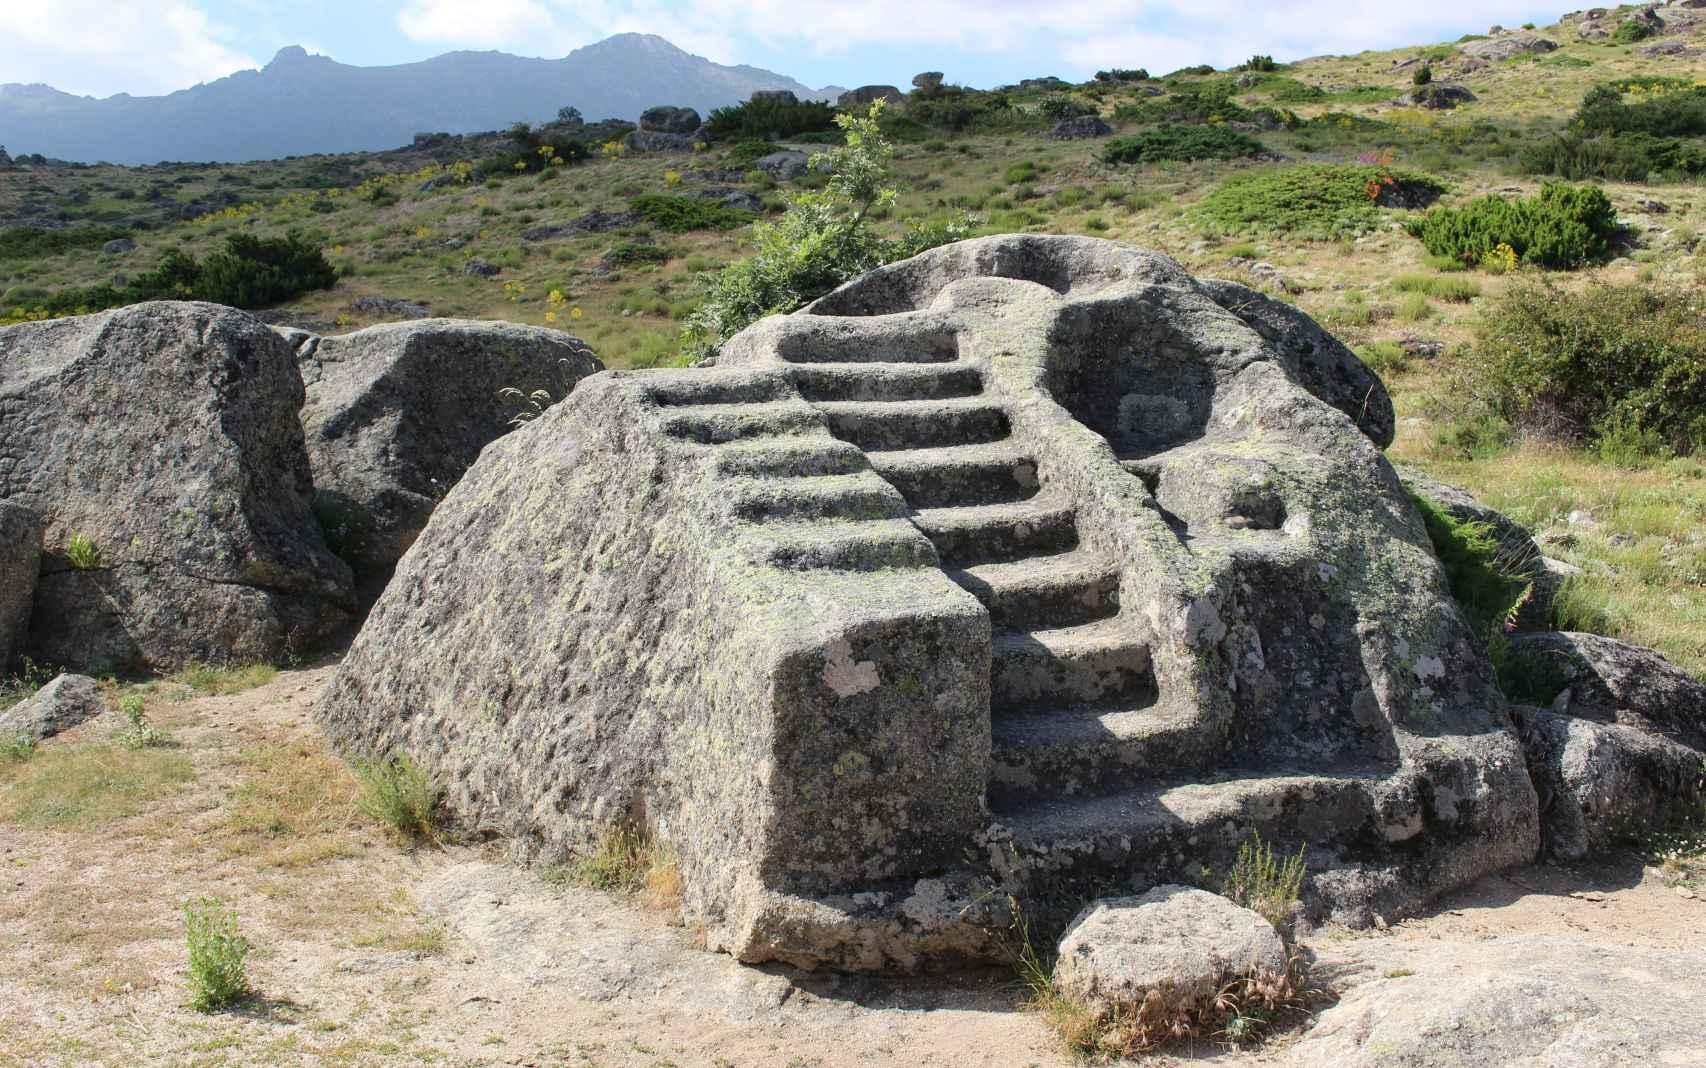 Altar rupestre escalonado en el que los habitantes de Ulaca practicaron sacrificios.